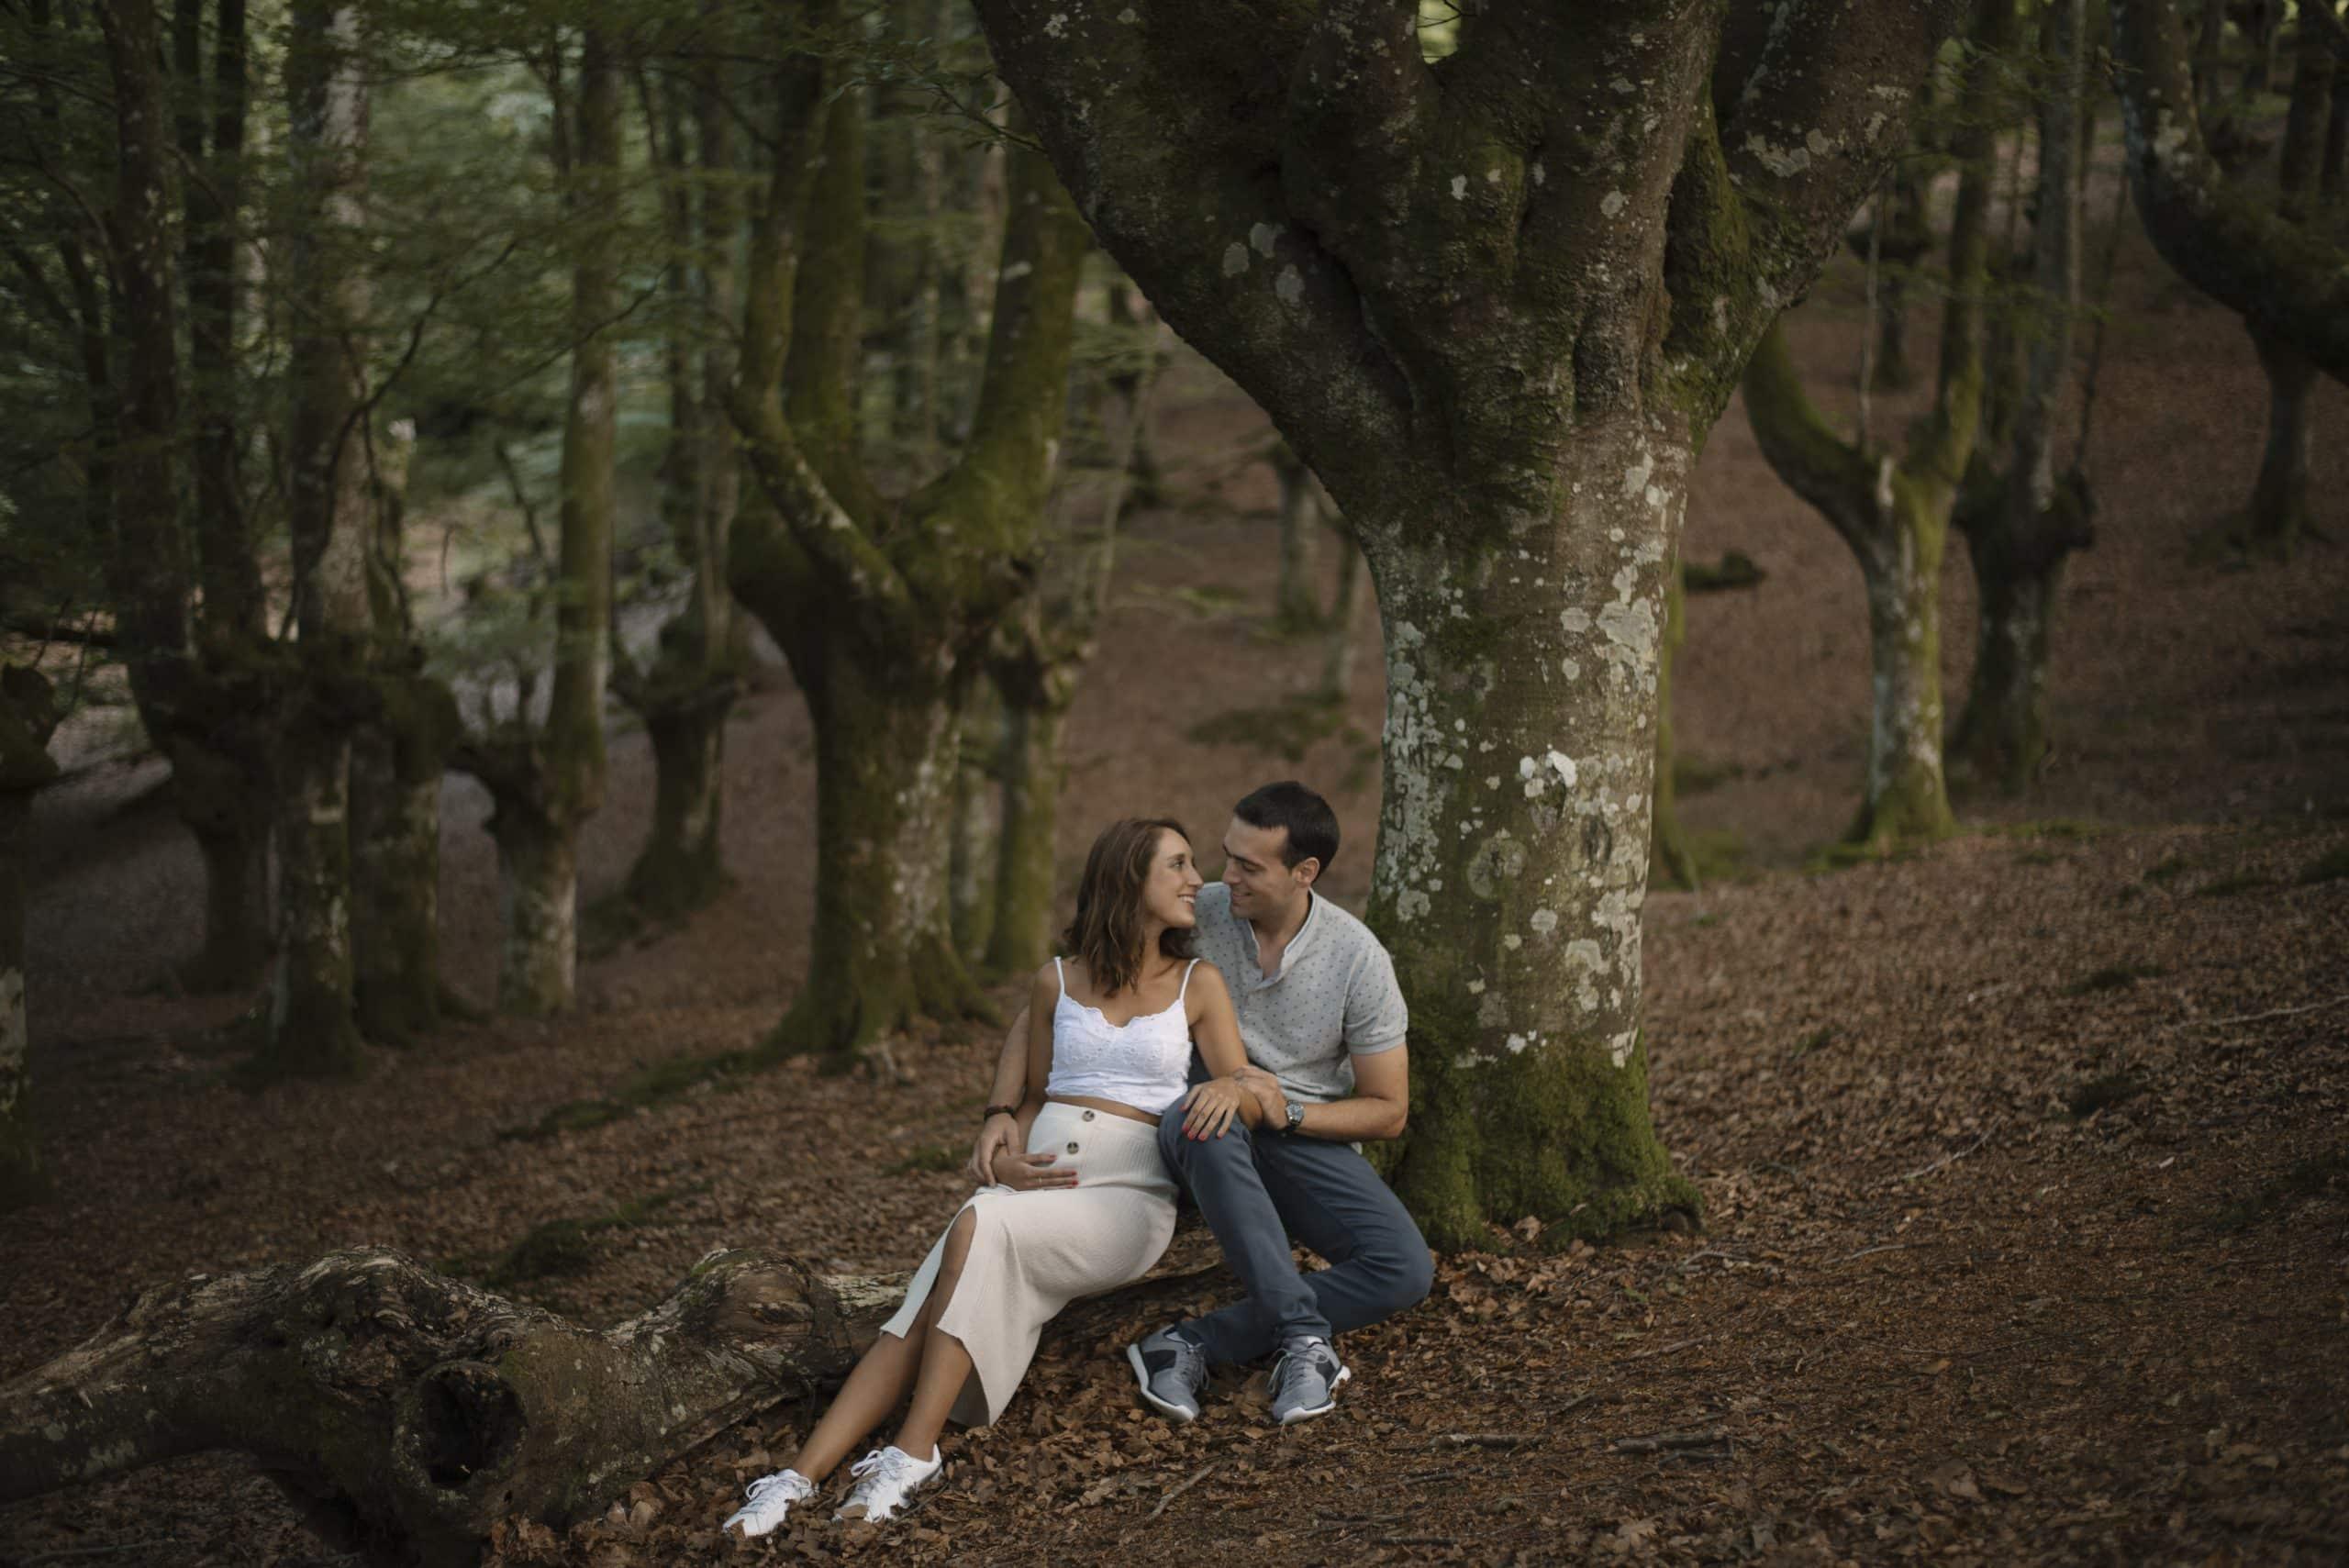 Sesión de fotos de embarazo en la naturaleza en Bilbao y en Vitoria. Reportaje de embarazo. Fotografía de embarazo en Bilbao y Vitoria. Embarazo en Bilbao. Embarazo en Vitoria. Sesión de embarazo. Sesión de recién nacido.